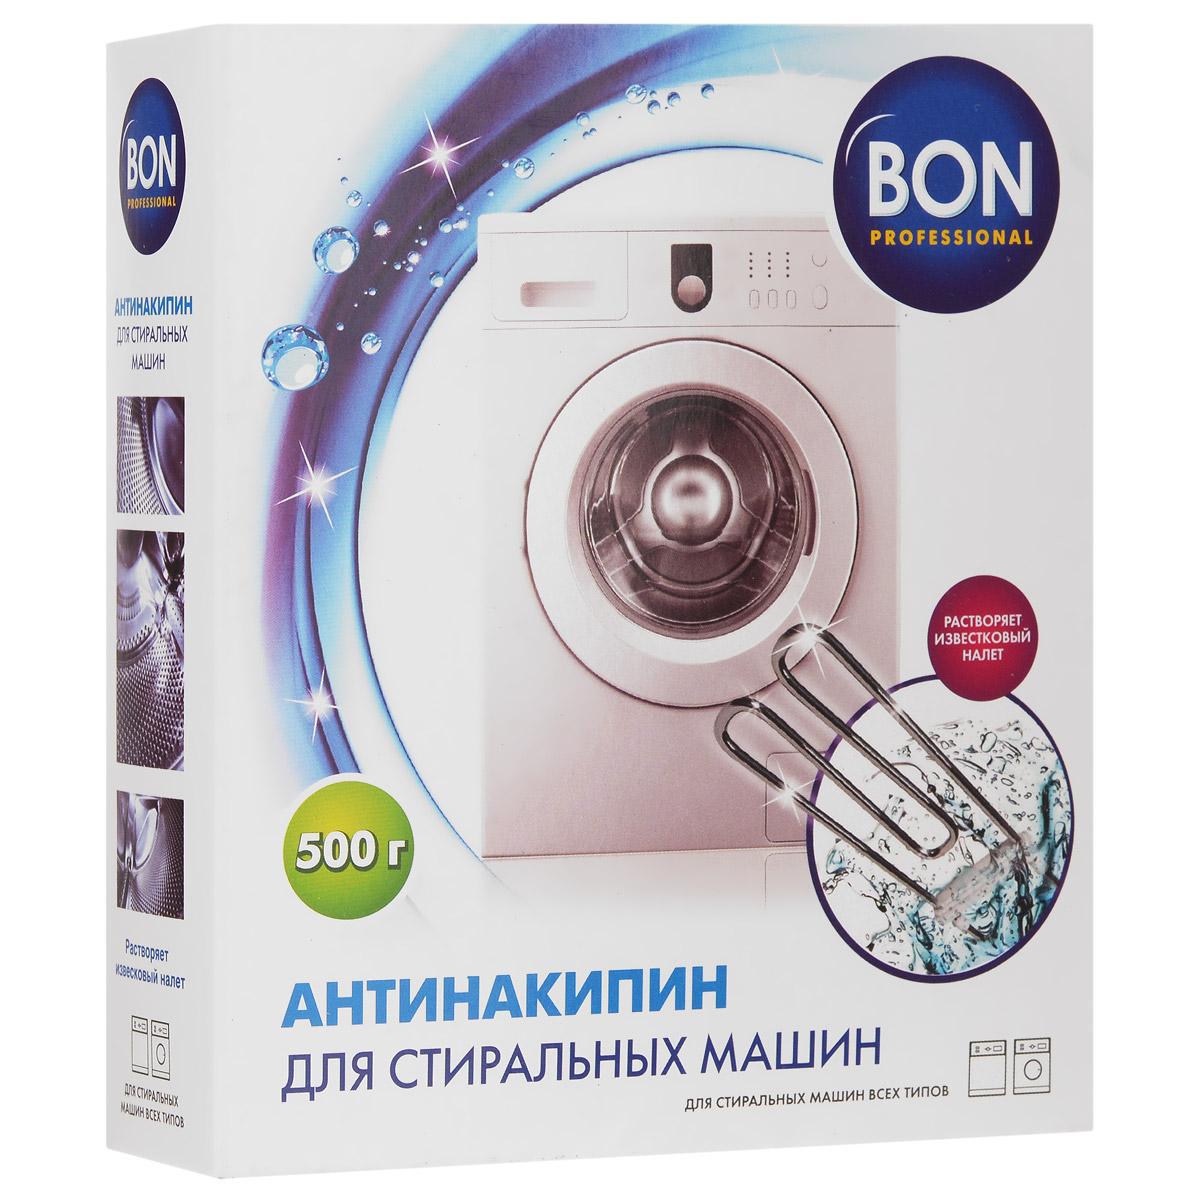 Средство против накипи для стиральных машин Bon, 500 гBN-023Средство против накипи для стиральных машин Bon существенно снижает жесткость воды, непозволяя солям, естественно в ней содержащимся, скапливаться на тэнах стиральной машины ввиде отложений. Накипь, образовываясь на нагревательных элементах, снижает ихтеплопроводность, увеличивает время нагрева воды, а значит, и затраты электроэнергии накаждый цикл стирки. Со временем сильные известковые отложения приводят к поломке бытовойтехники. Антинакипин не просто нейтрализует соли жесткости и моментально смягчает воду, но испособен при постоянном применении растворить уже существующий известковый налет, темсамым улучшая работу машины и продлевая срок ее службы. Средство экономично:гранулированный порошок долго растворяется, нейтрализуя соли в течение всего цикла стирки.В районах с жесткой водой использование антинакипина обязательно.Подходит для всех стиральных машин.Состав: карбонат натрия, триполифосфат.Товар сертифицирован.